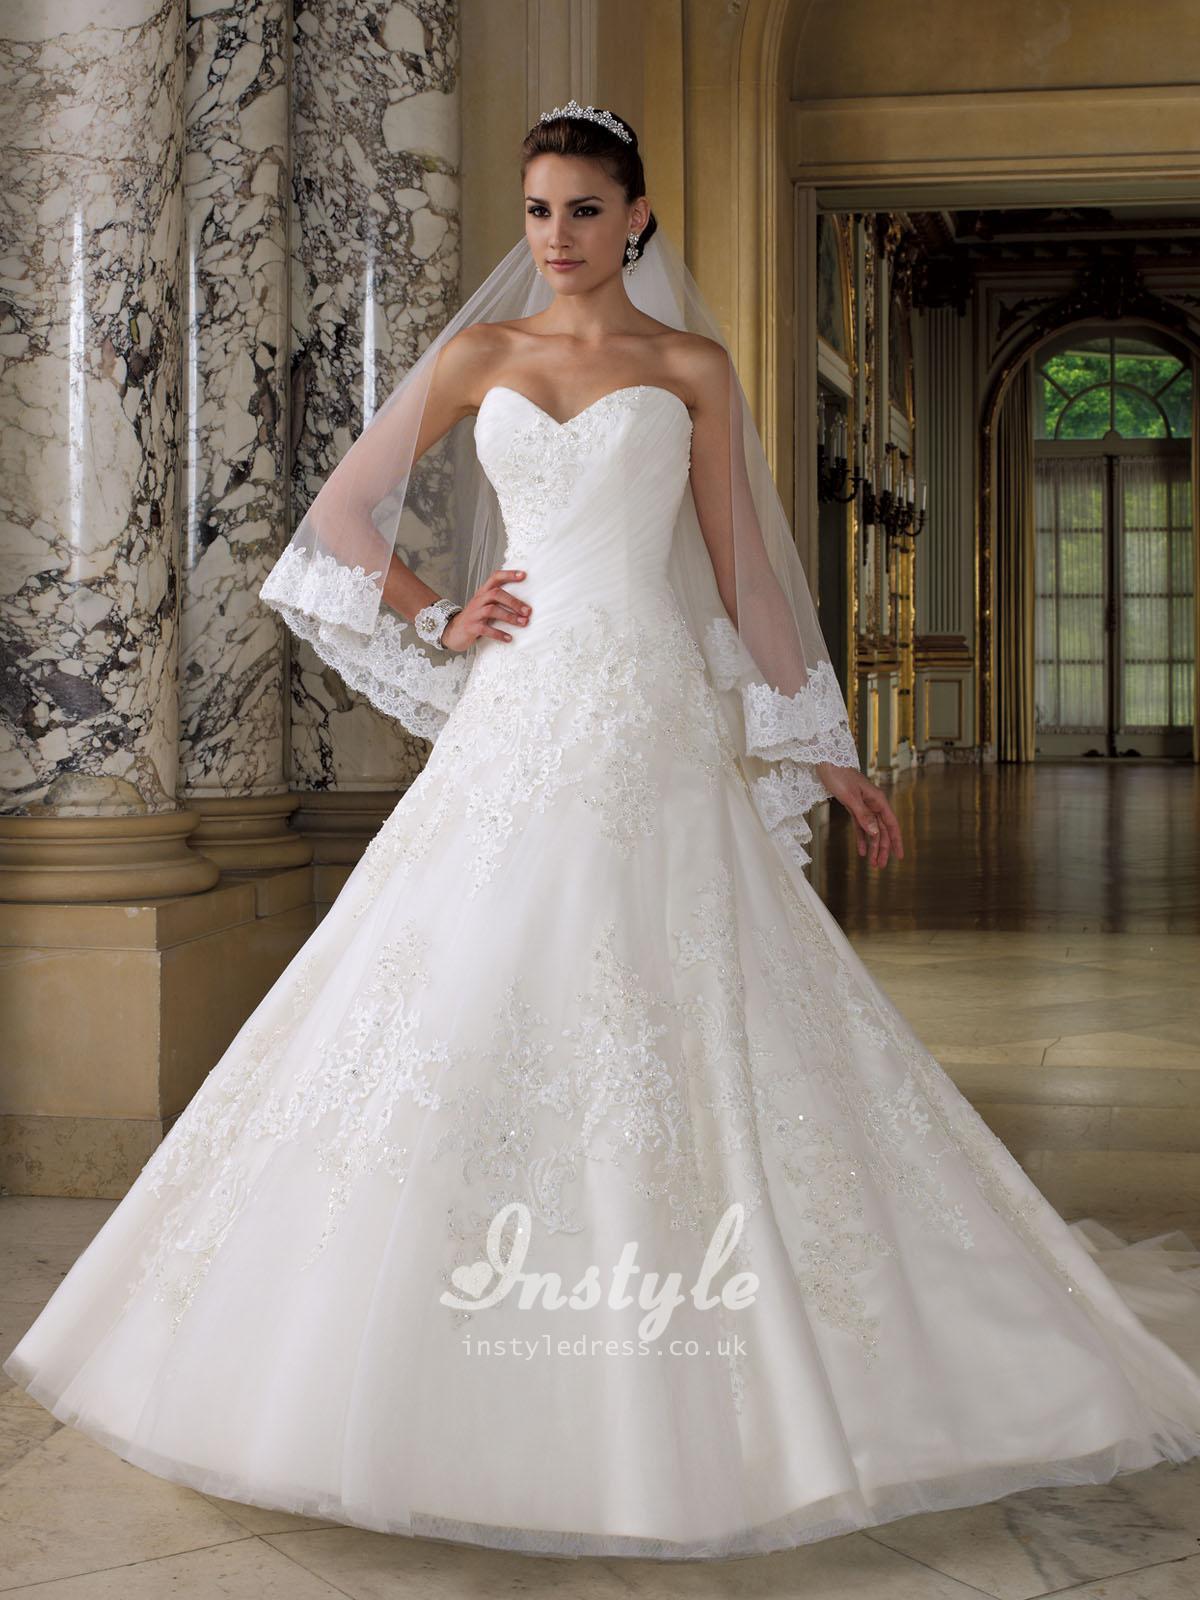 amazing wedding dresses uk wedding dresses uk Beautiful Wedding Dresses For You Las